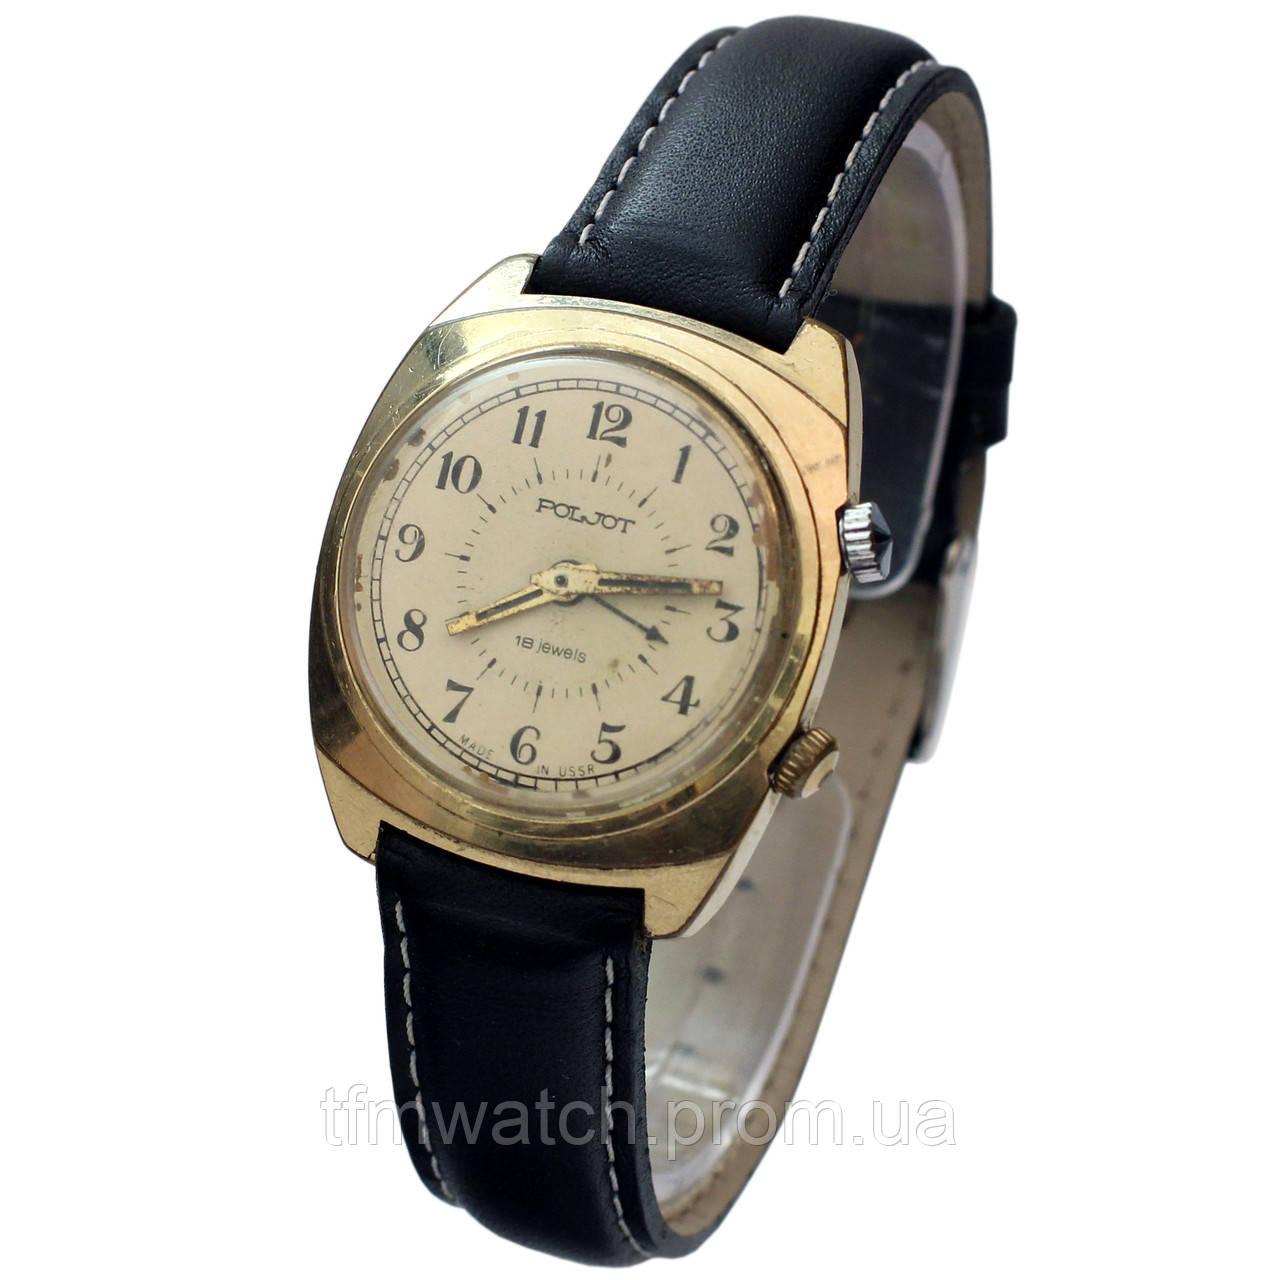 Стоимость часы pilot продать харькове в как часы